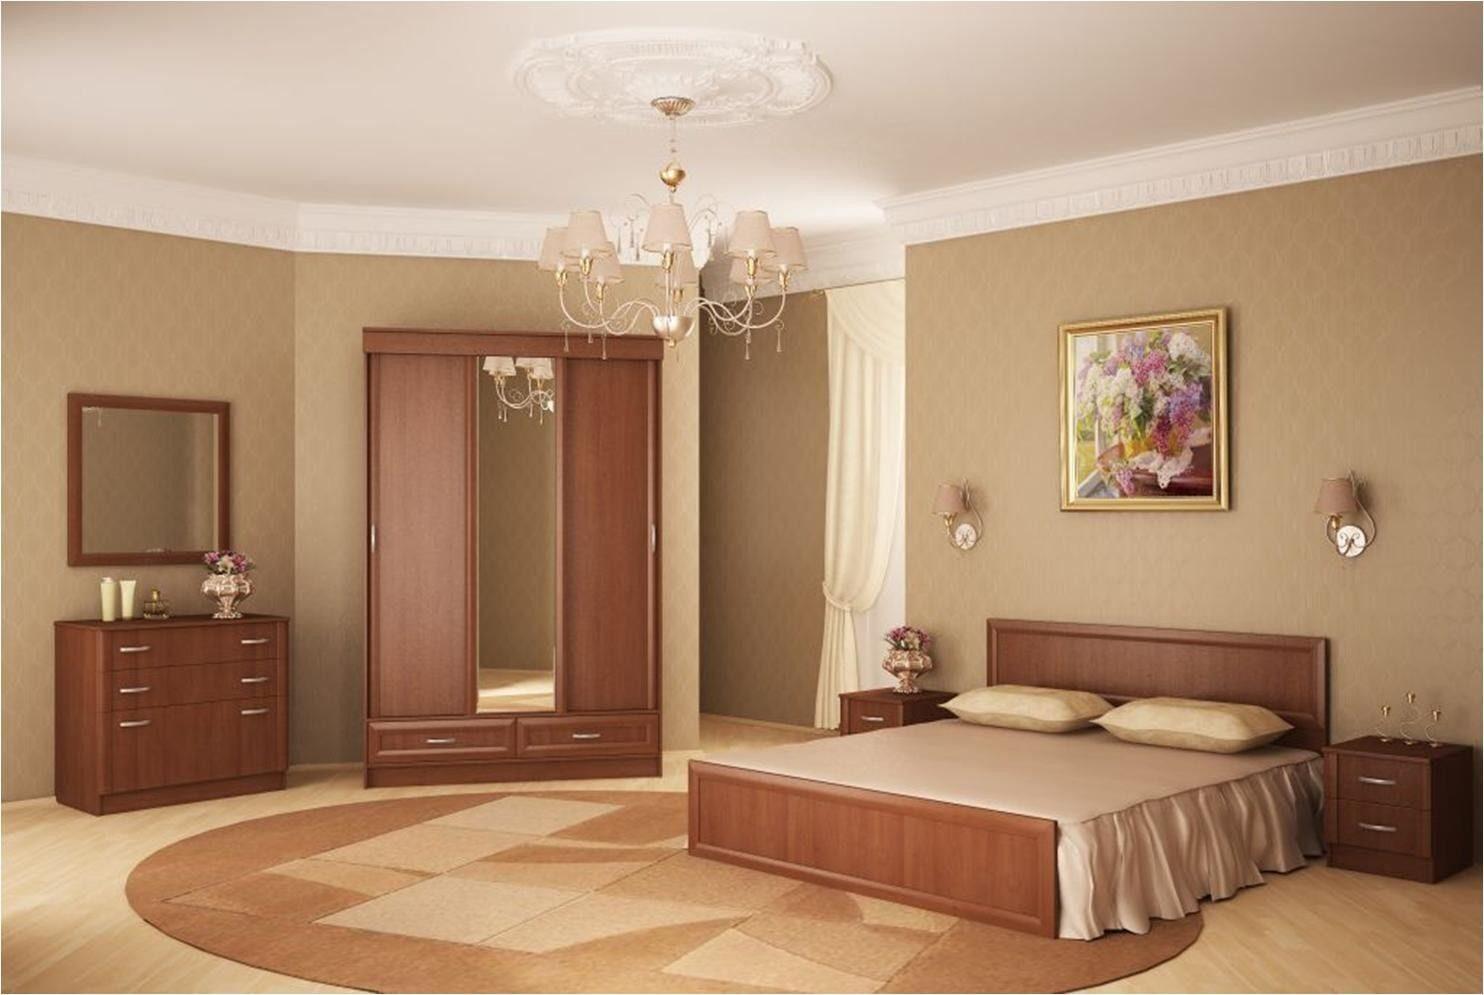 Мебель цвет вишня в интерьере фото